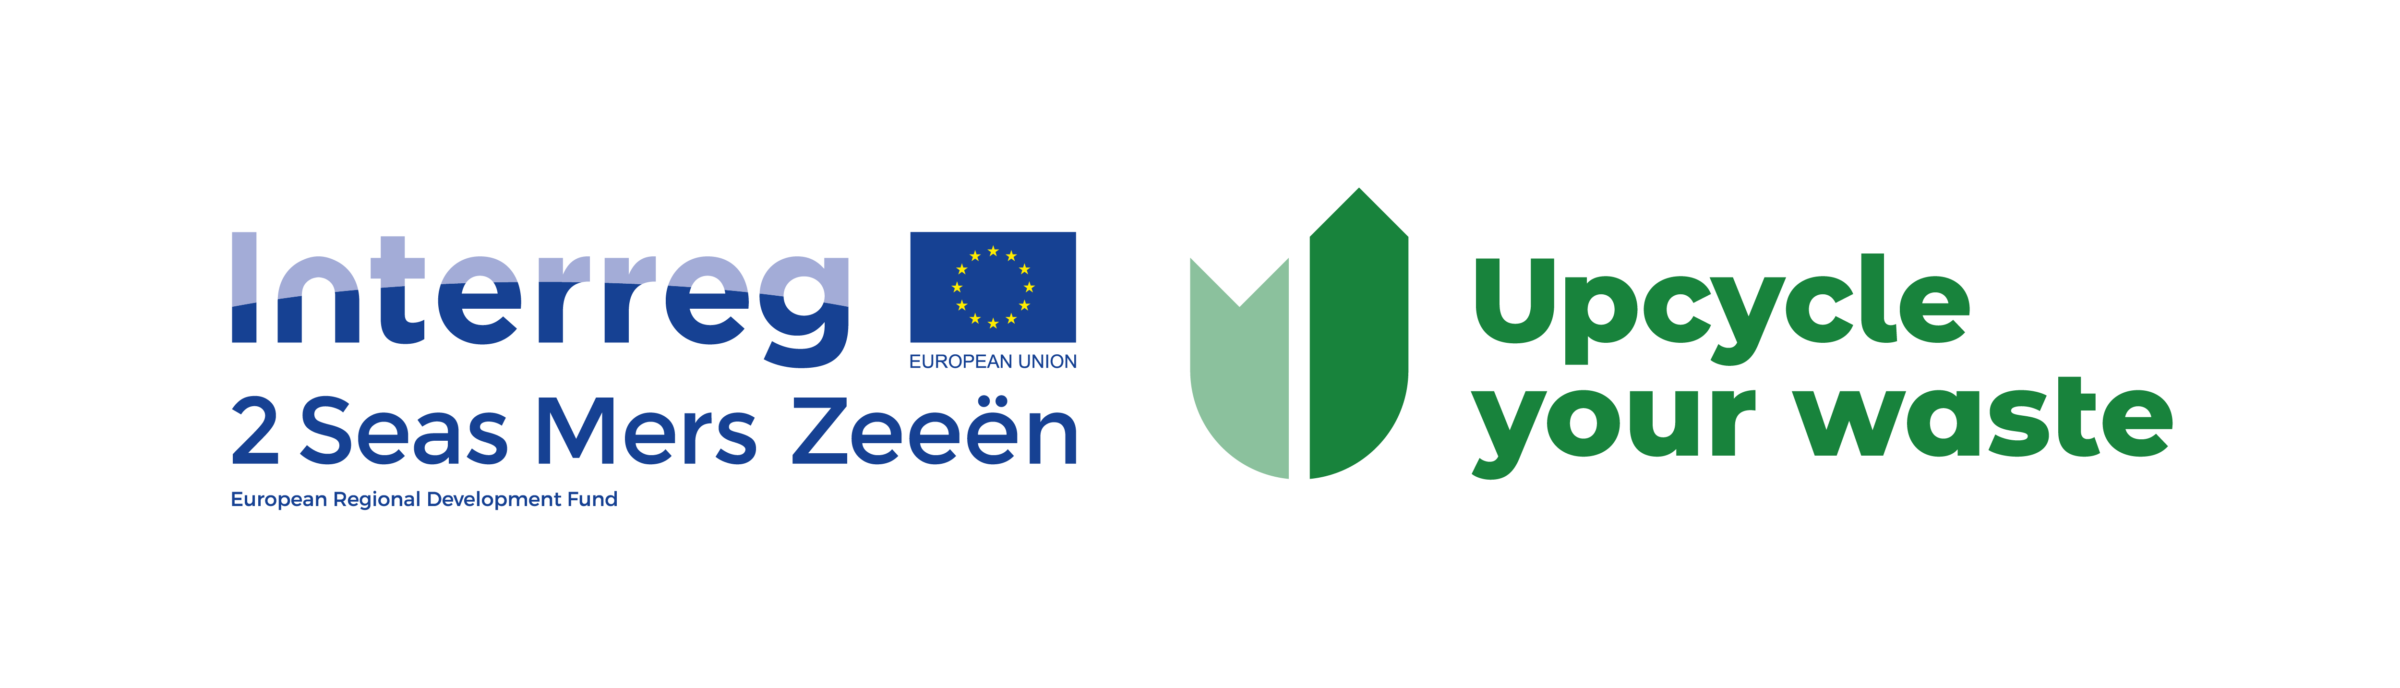 interreg+upcycle your waste rgb (1)